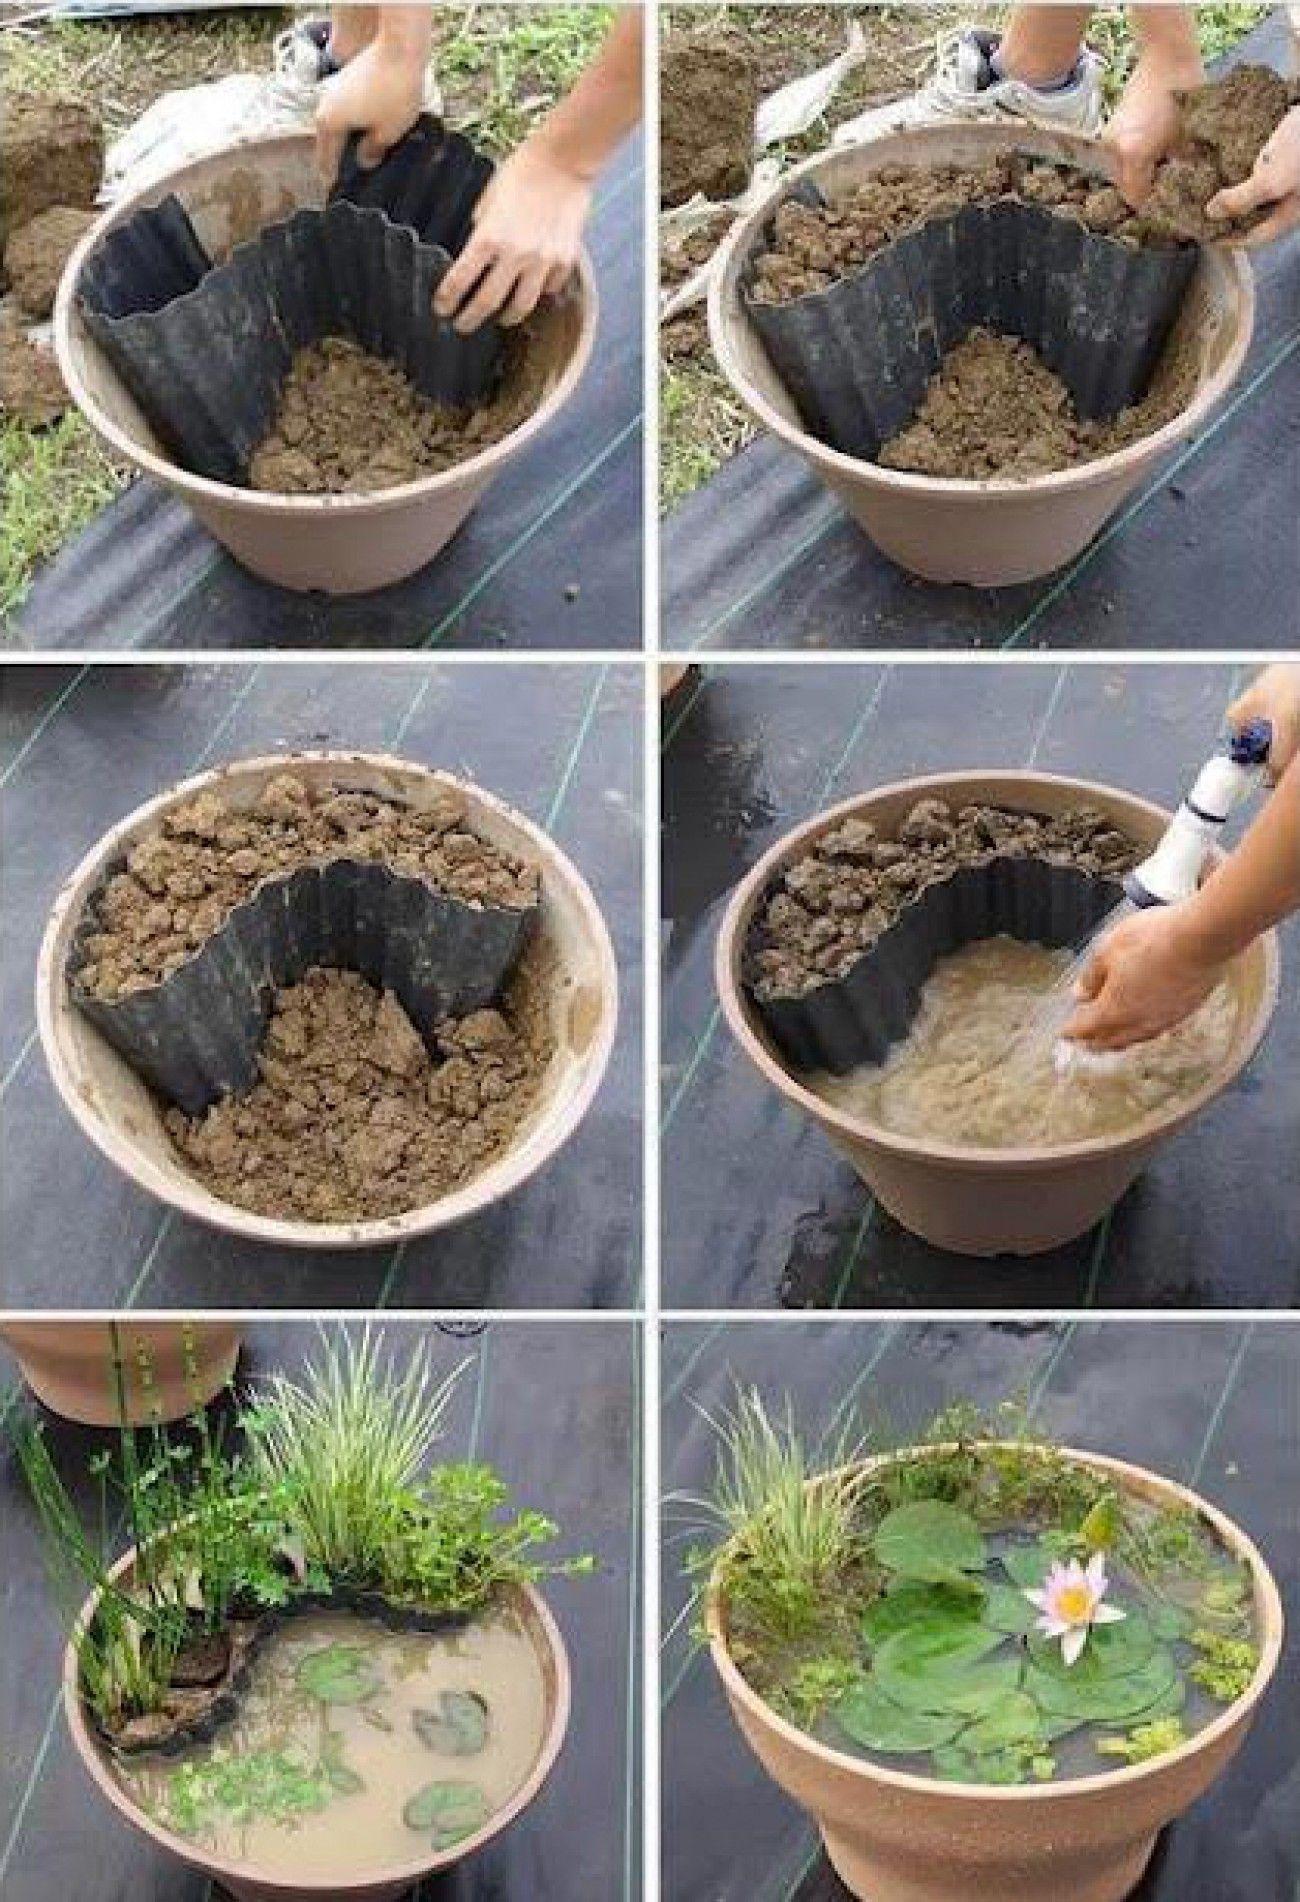 Mini Gartenteich Selber Machen | //gardening | Pinterest | Photos ... Gartendeko Selber Machen Gnom Fee Tuer Baum Gestaltung